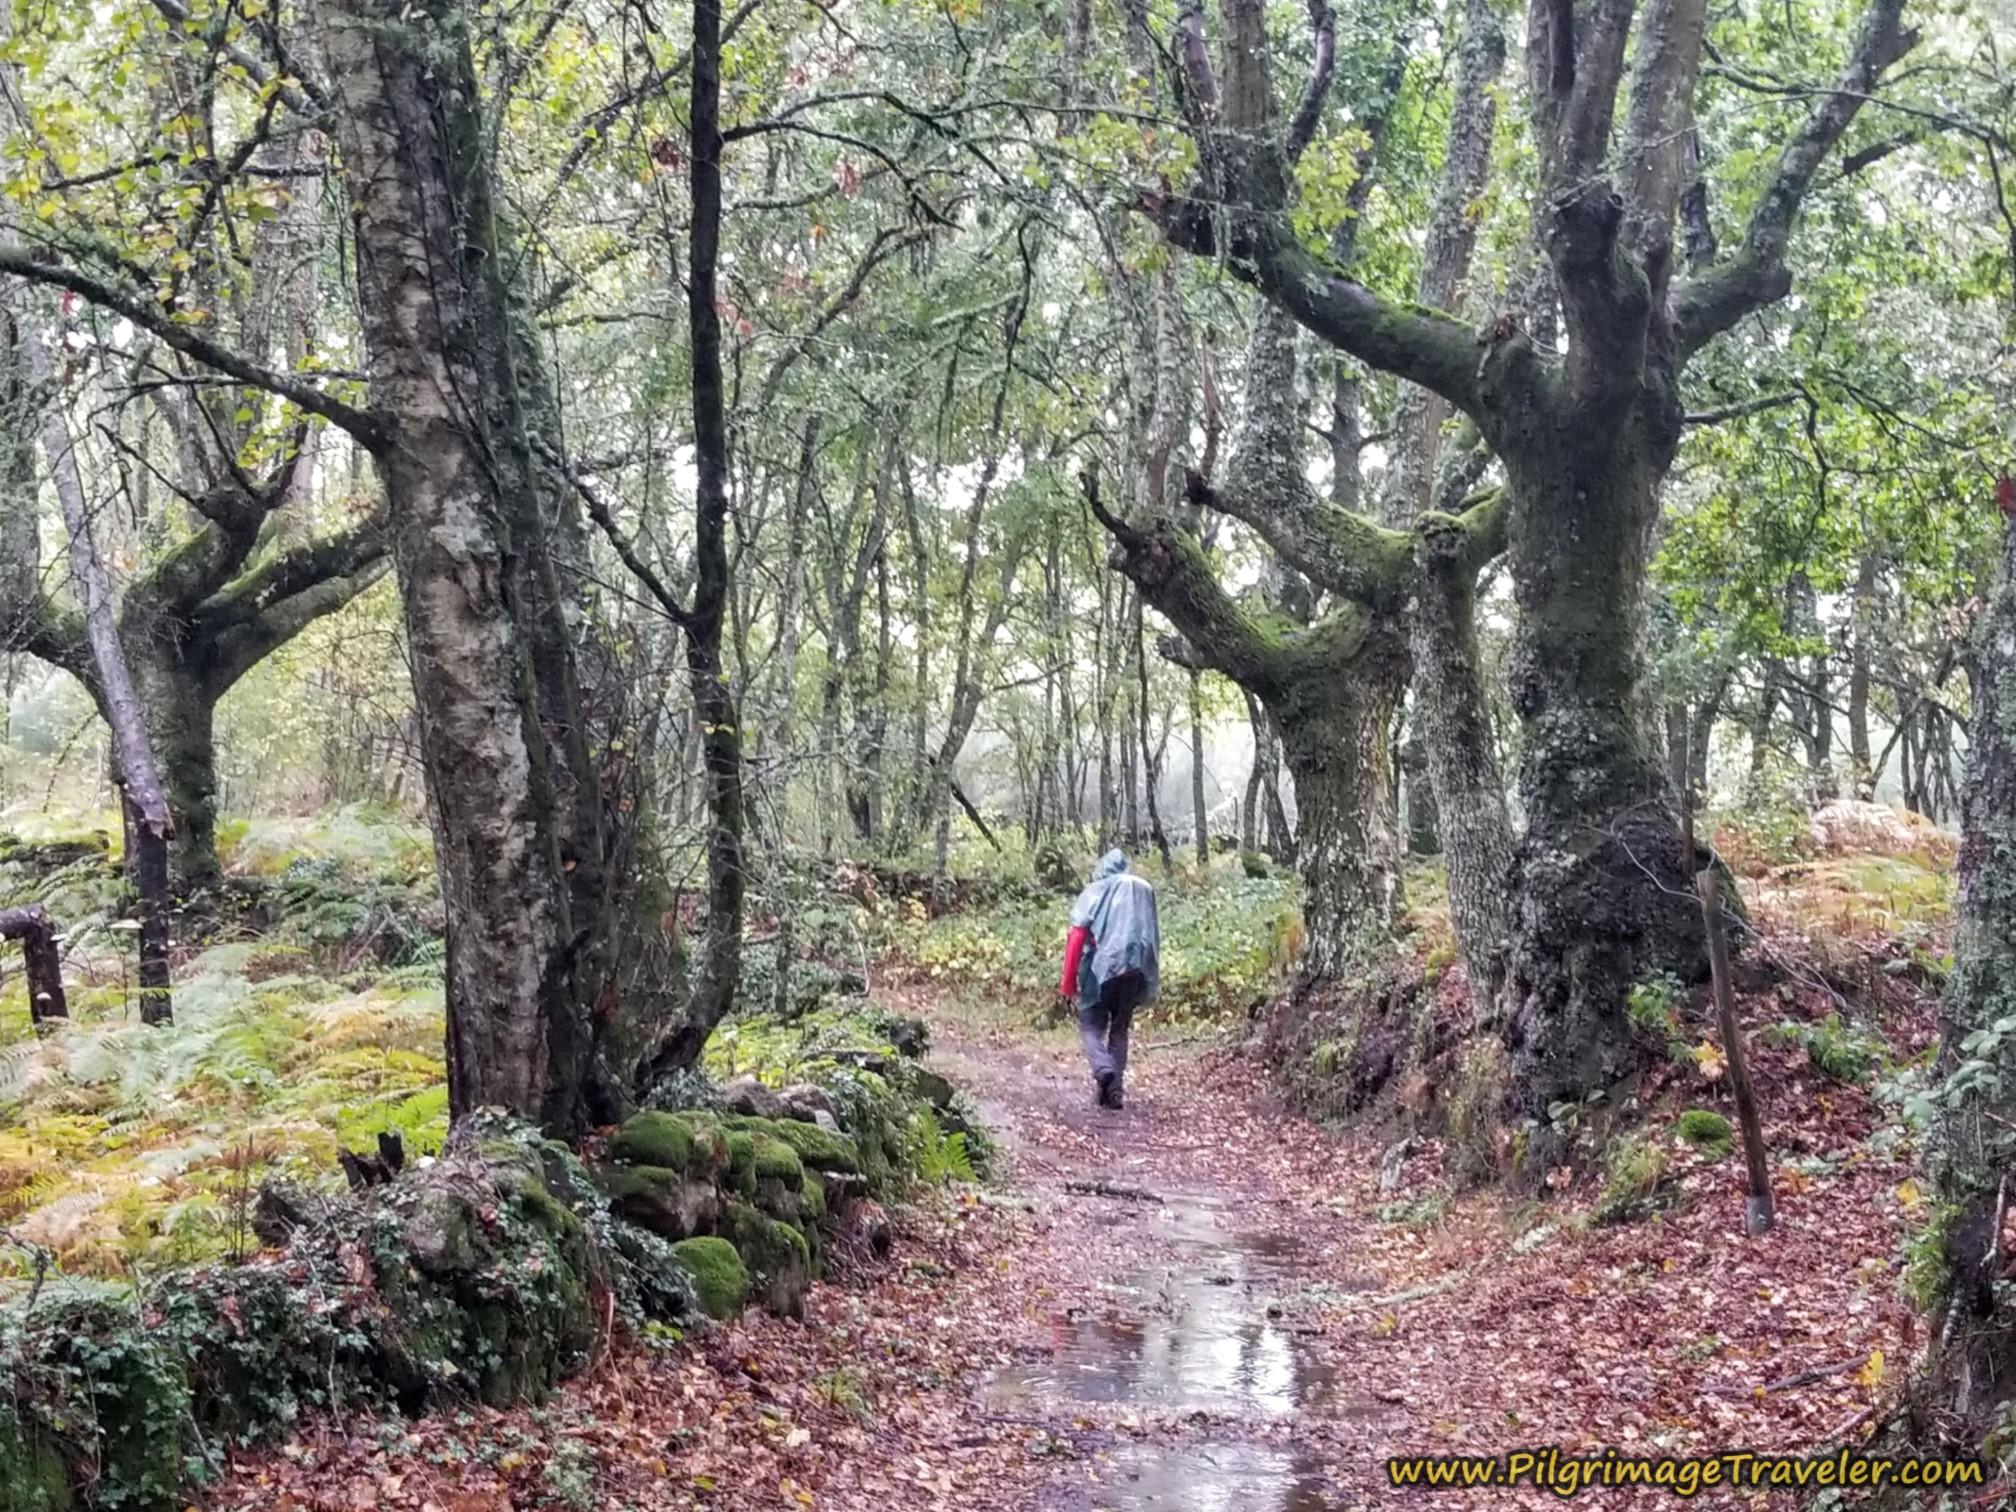 Wet Forest Walk, Camino Sanabrés, Vilar de Barrio to Xunqueira de Ambía